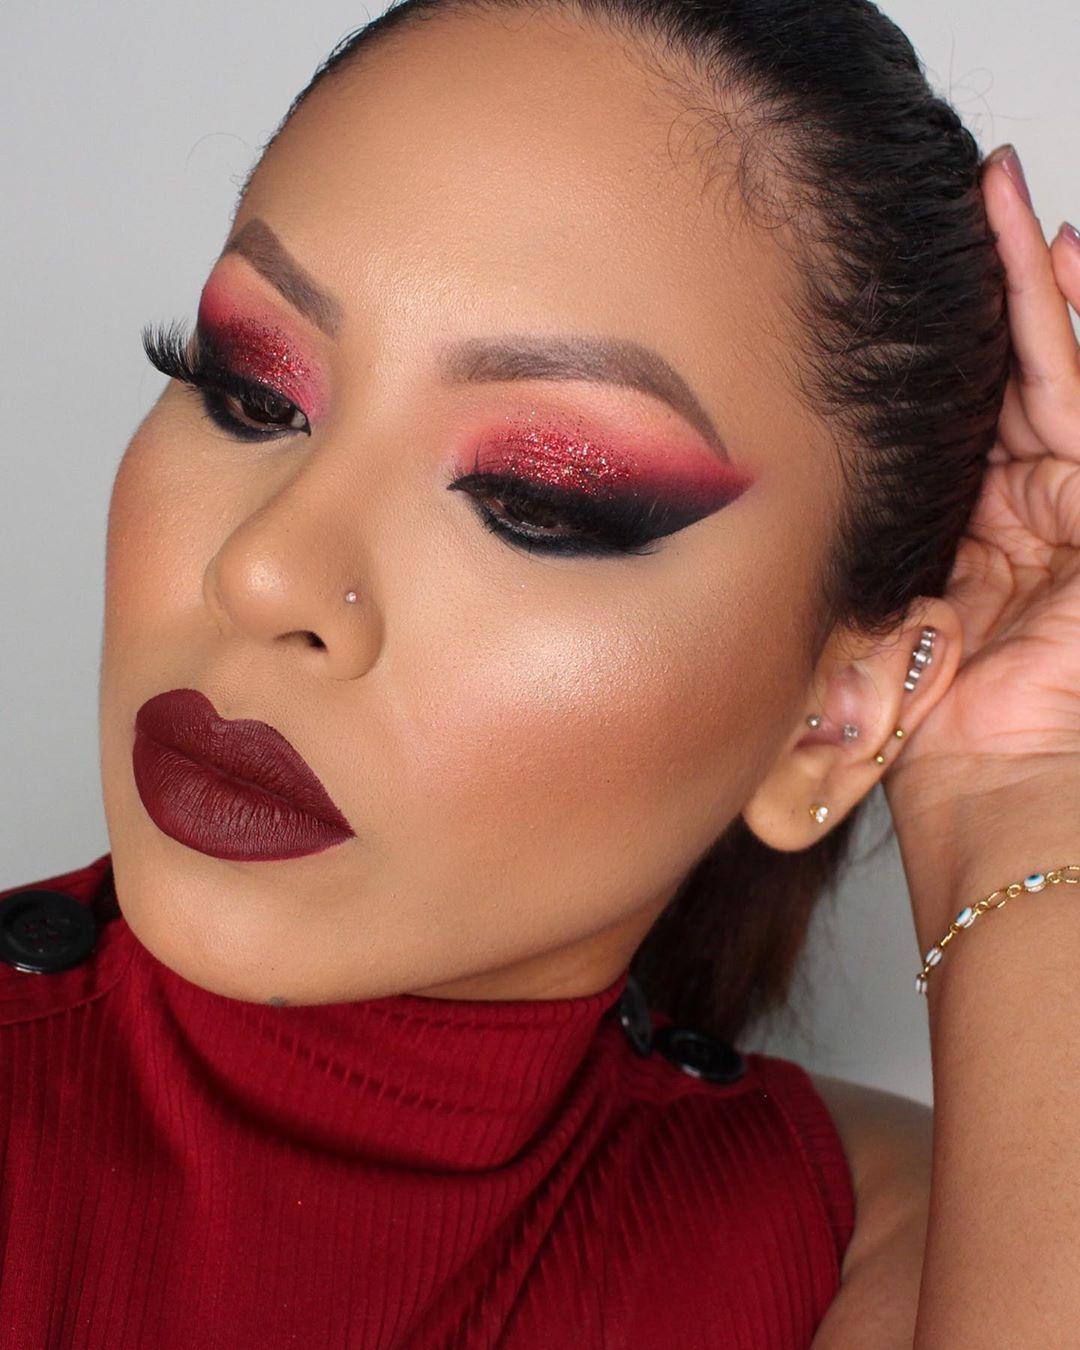 maquiagem com sombra vermelha 36